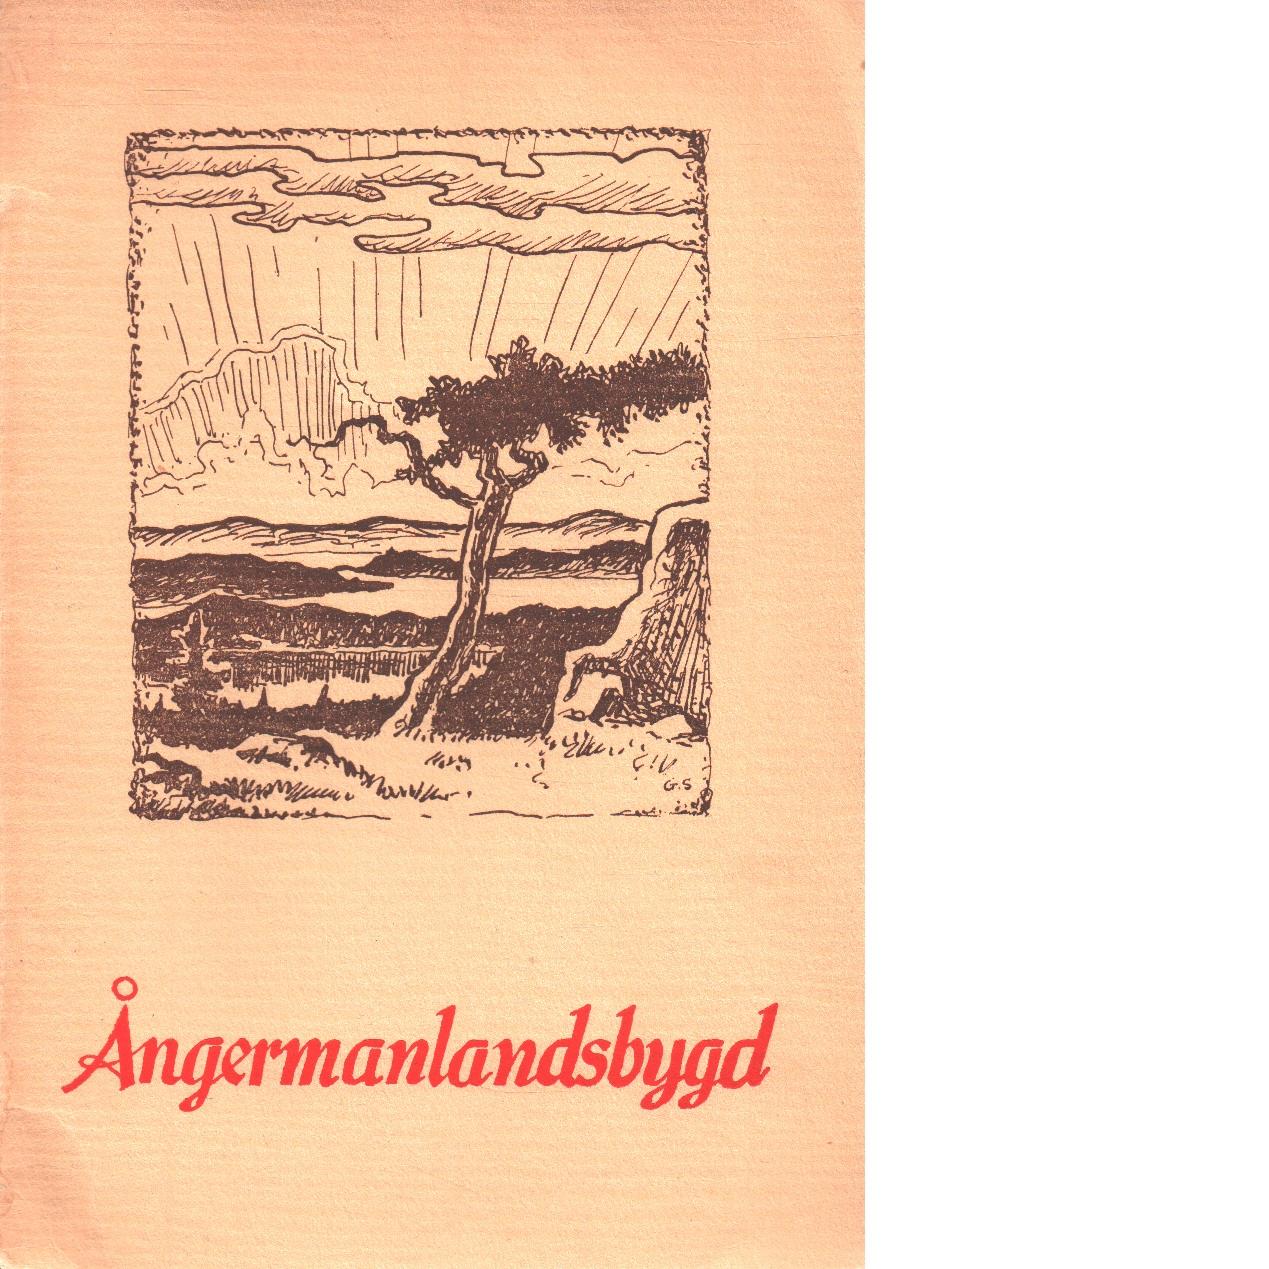 Ångermanlandsbygd : Hampnäs folkhögskola 1910-1950 : jubileumsskrift - Lagerström, Herbert